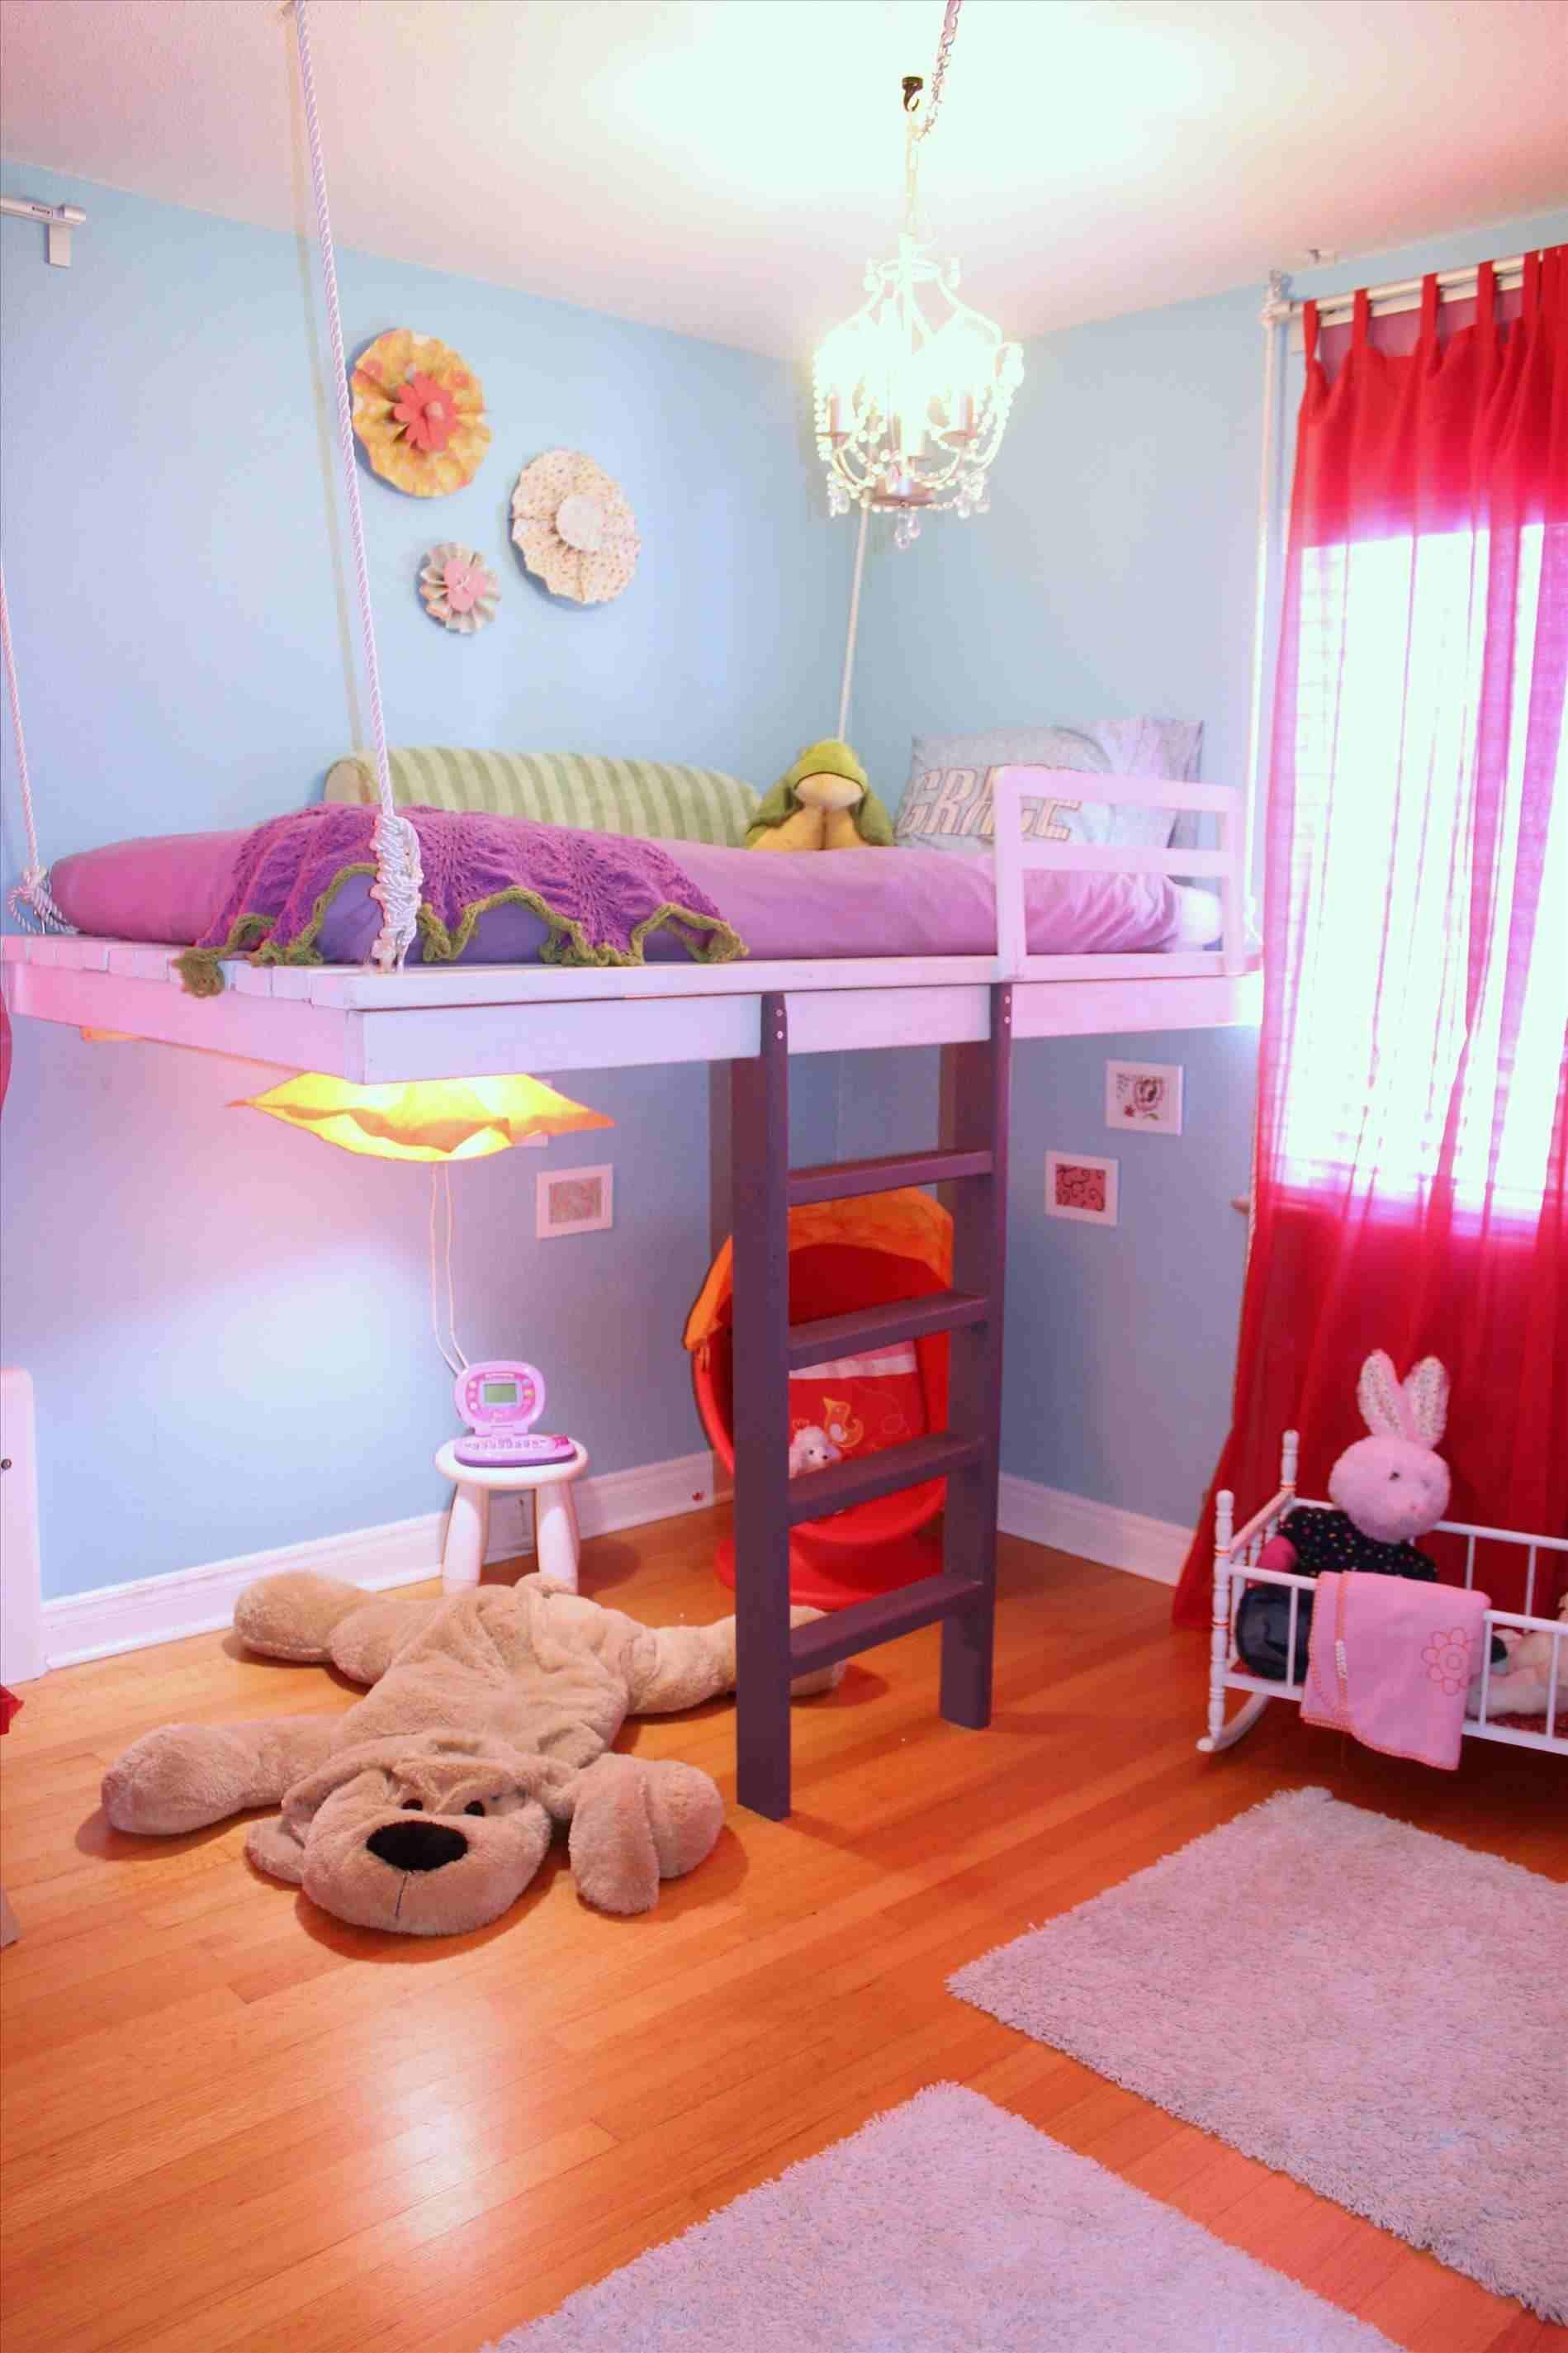 Bedrooms For Girls Habitaciones Infantiles Pequenas Decoracion